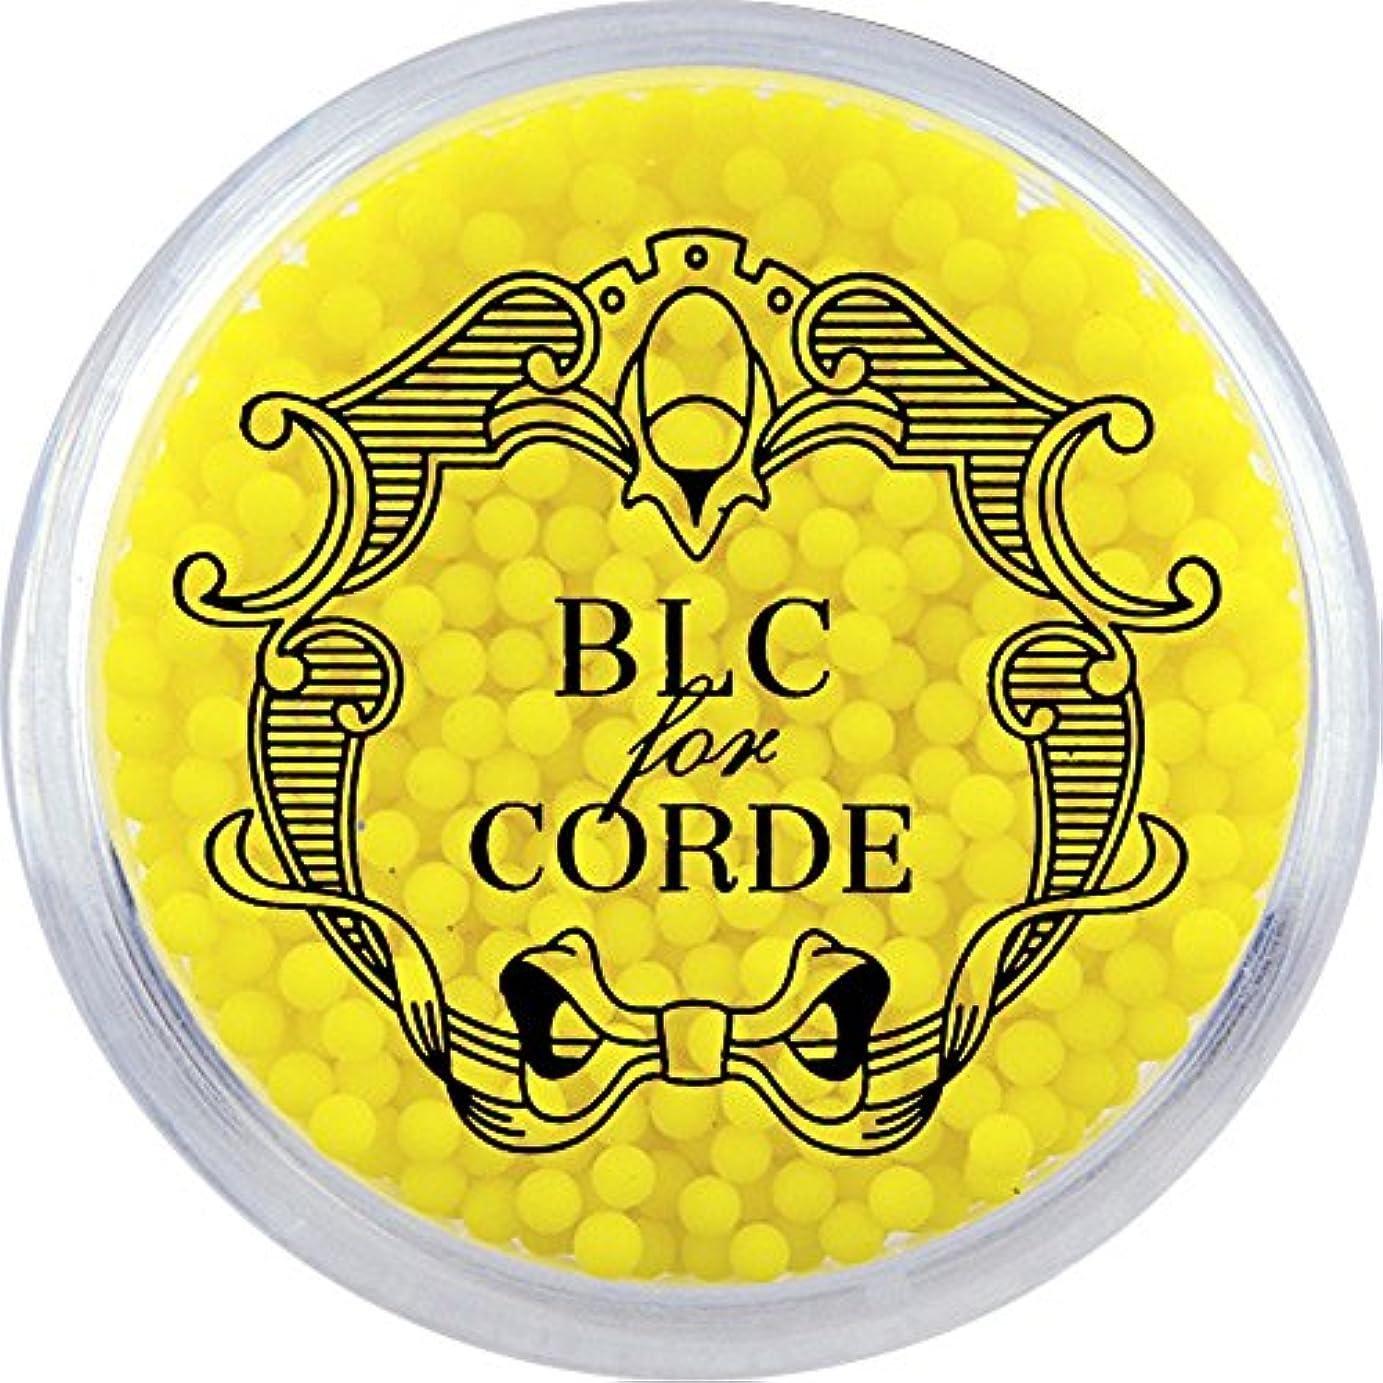 震えコントローラ誰がBLC FOR CORDE ガラスブリオン イエロー